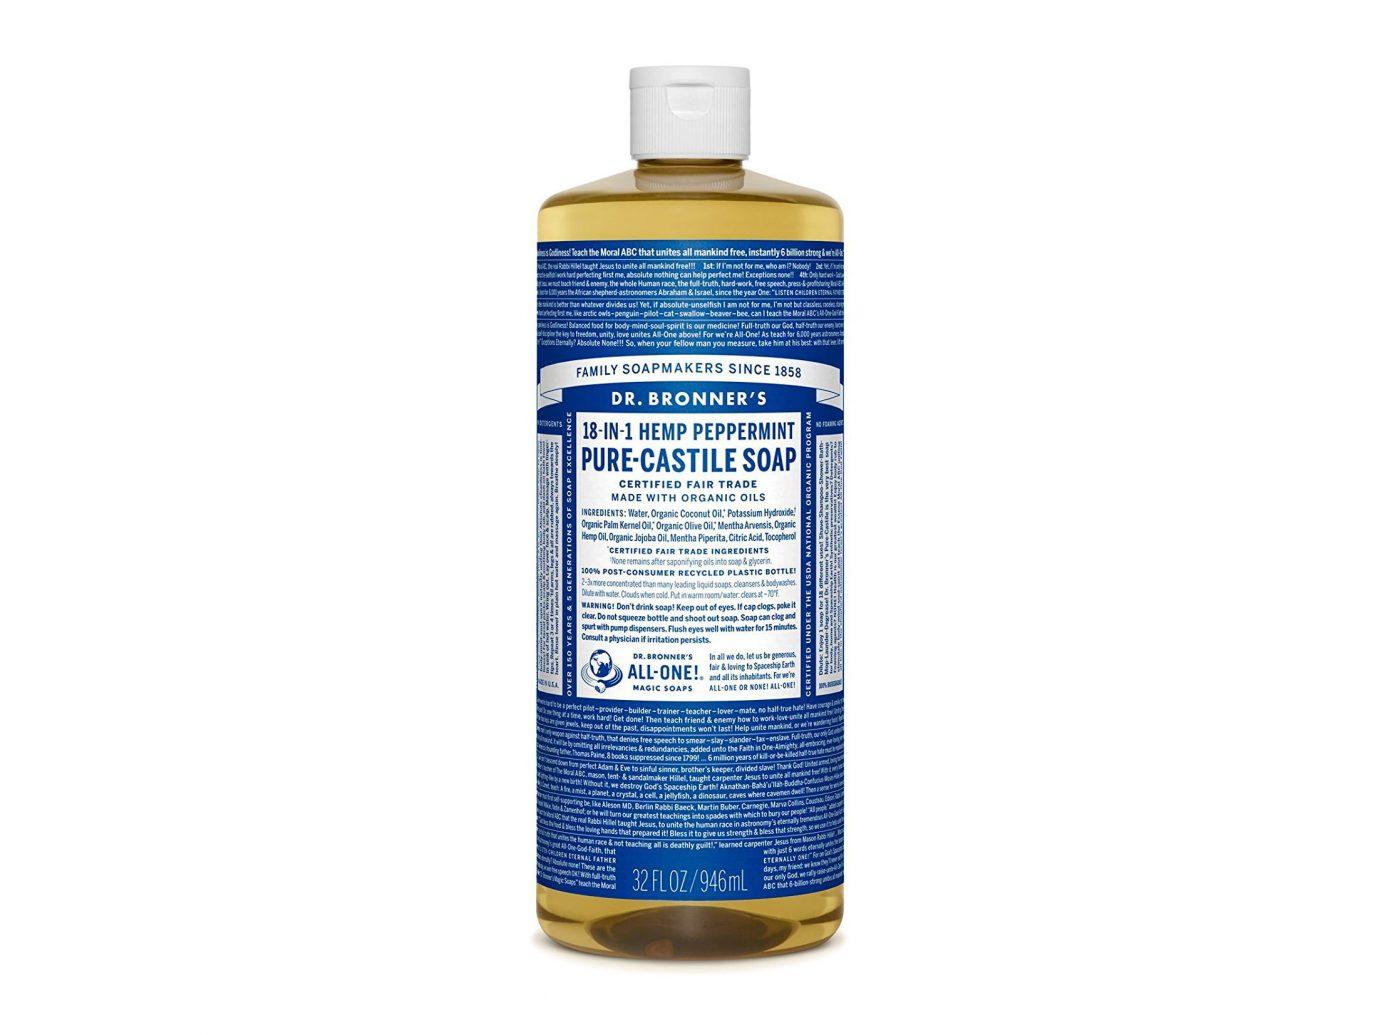 Dr. Bronners Pure-Castile Liquid Soap